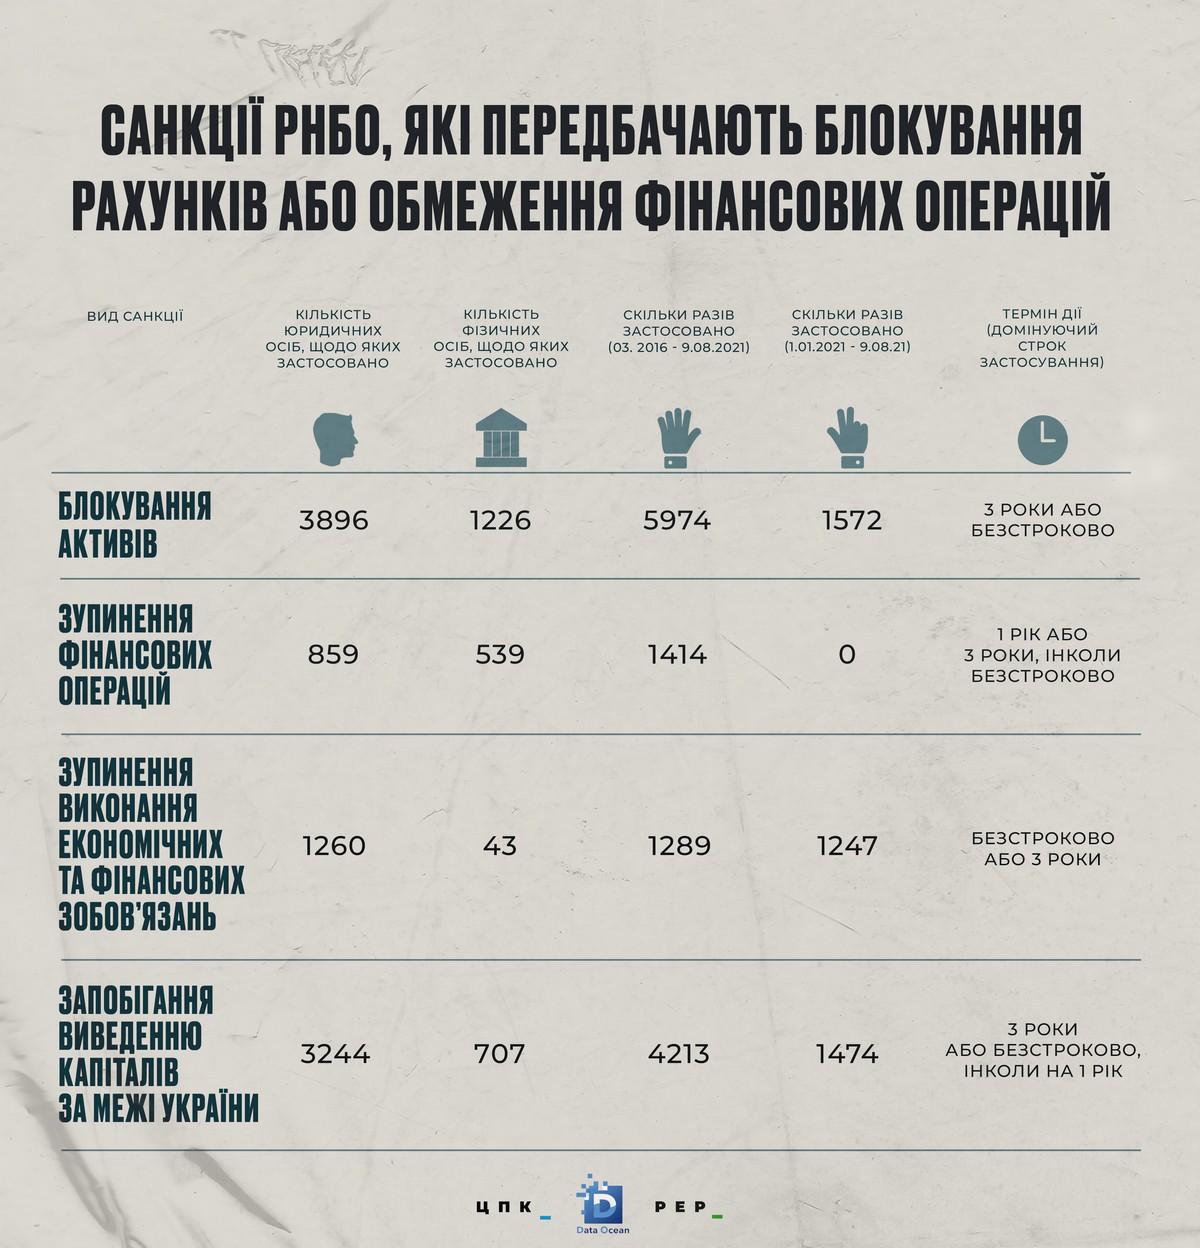 СНБО вводит санкции и блокирует счета публичных лиц. А что делать банкам